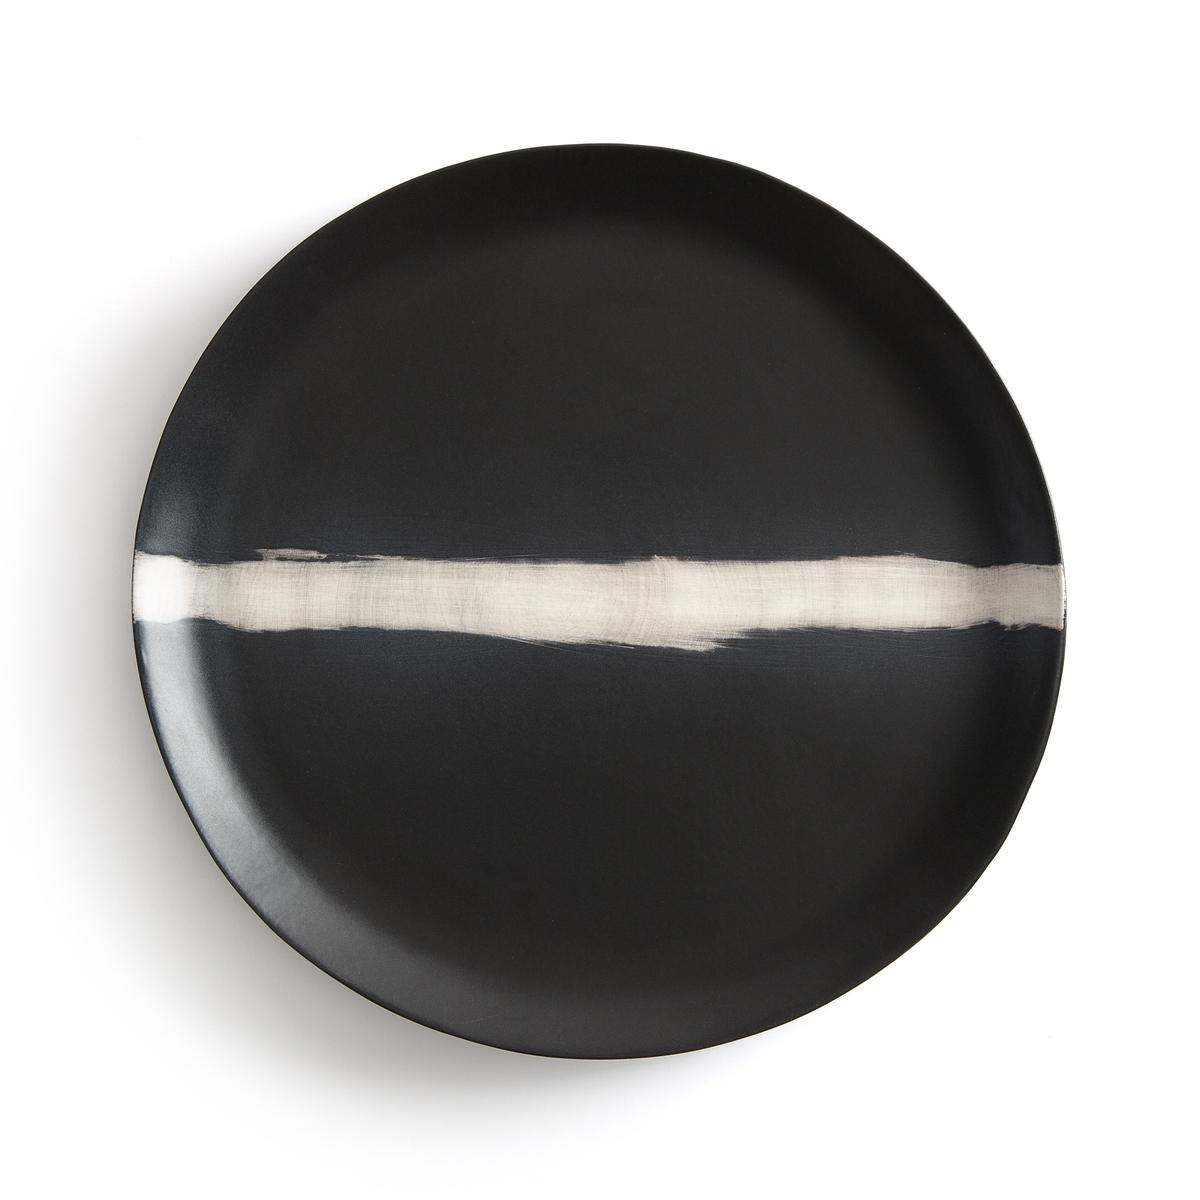 Блюдо из фаянса, Etsumi By V. Барковски от La Redoute